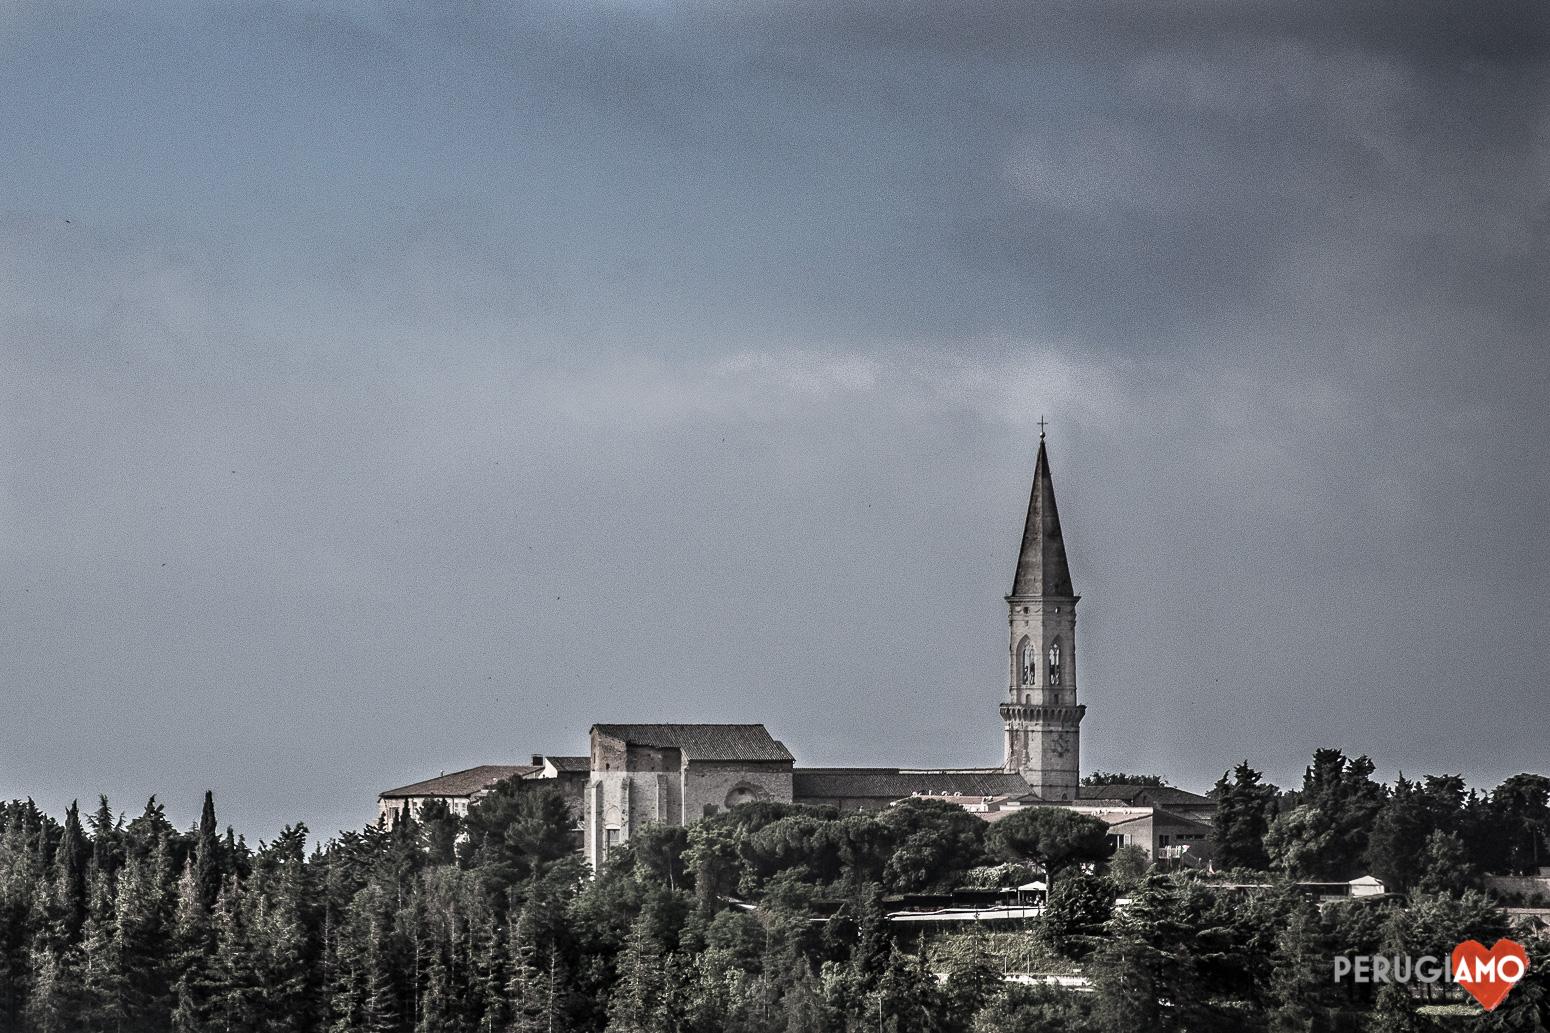 Grazie Perugia